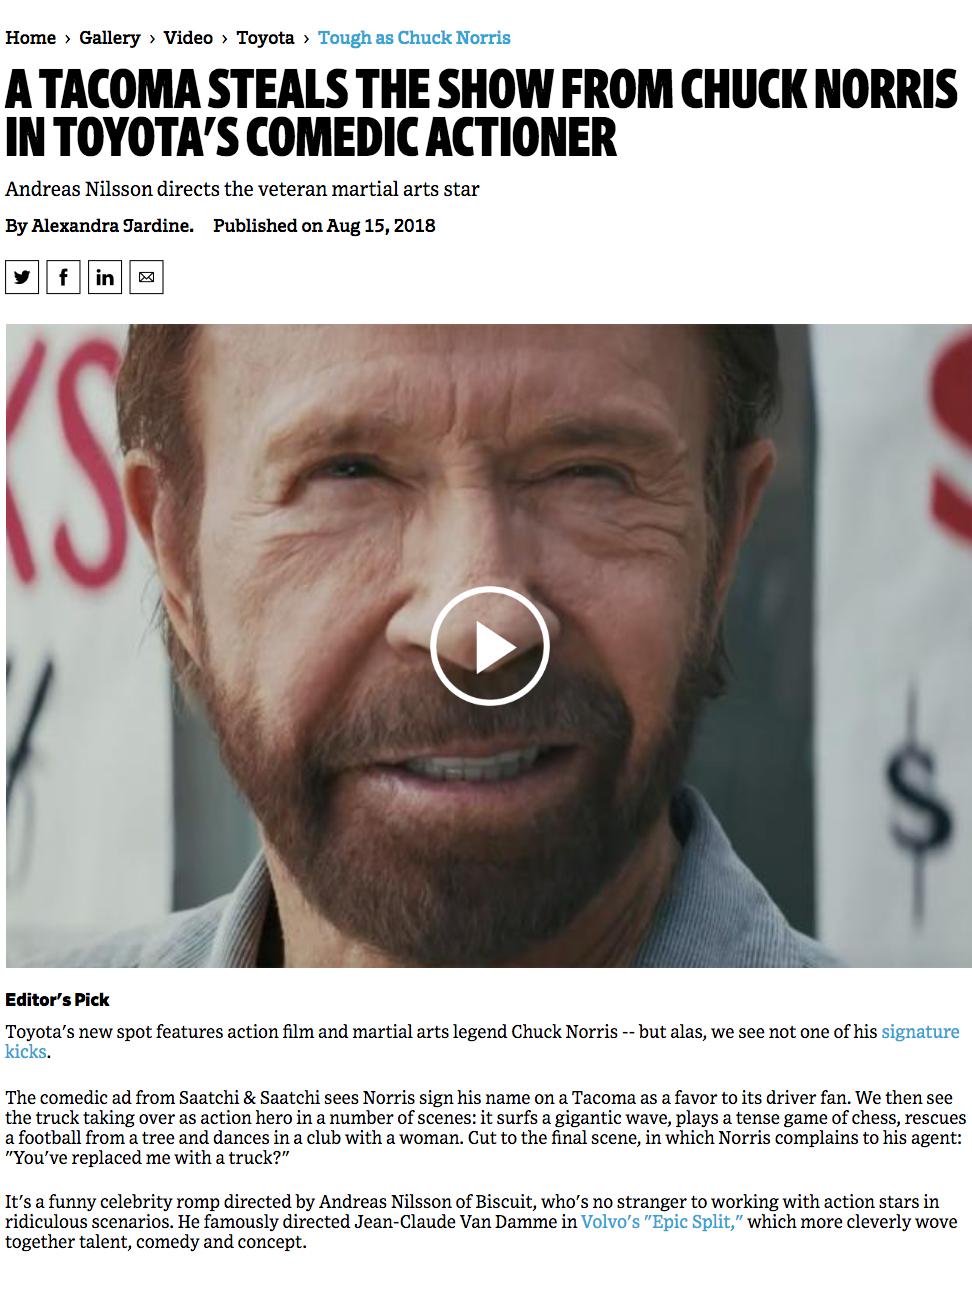 Screen Shot 2018-08-15 at 4.53.02 PM.png